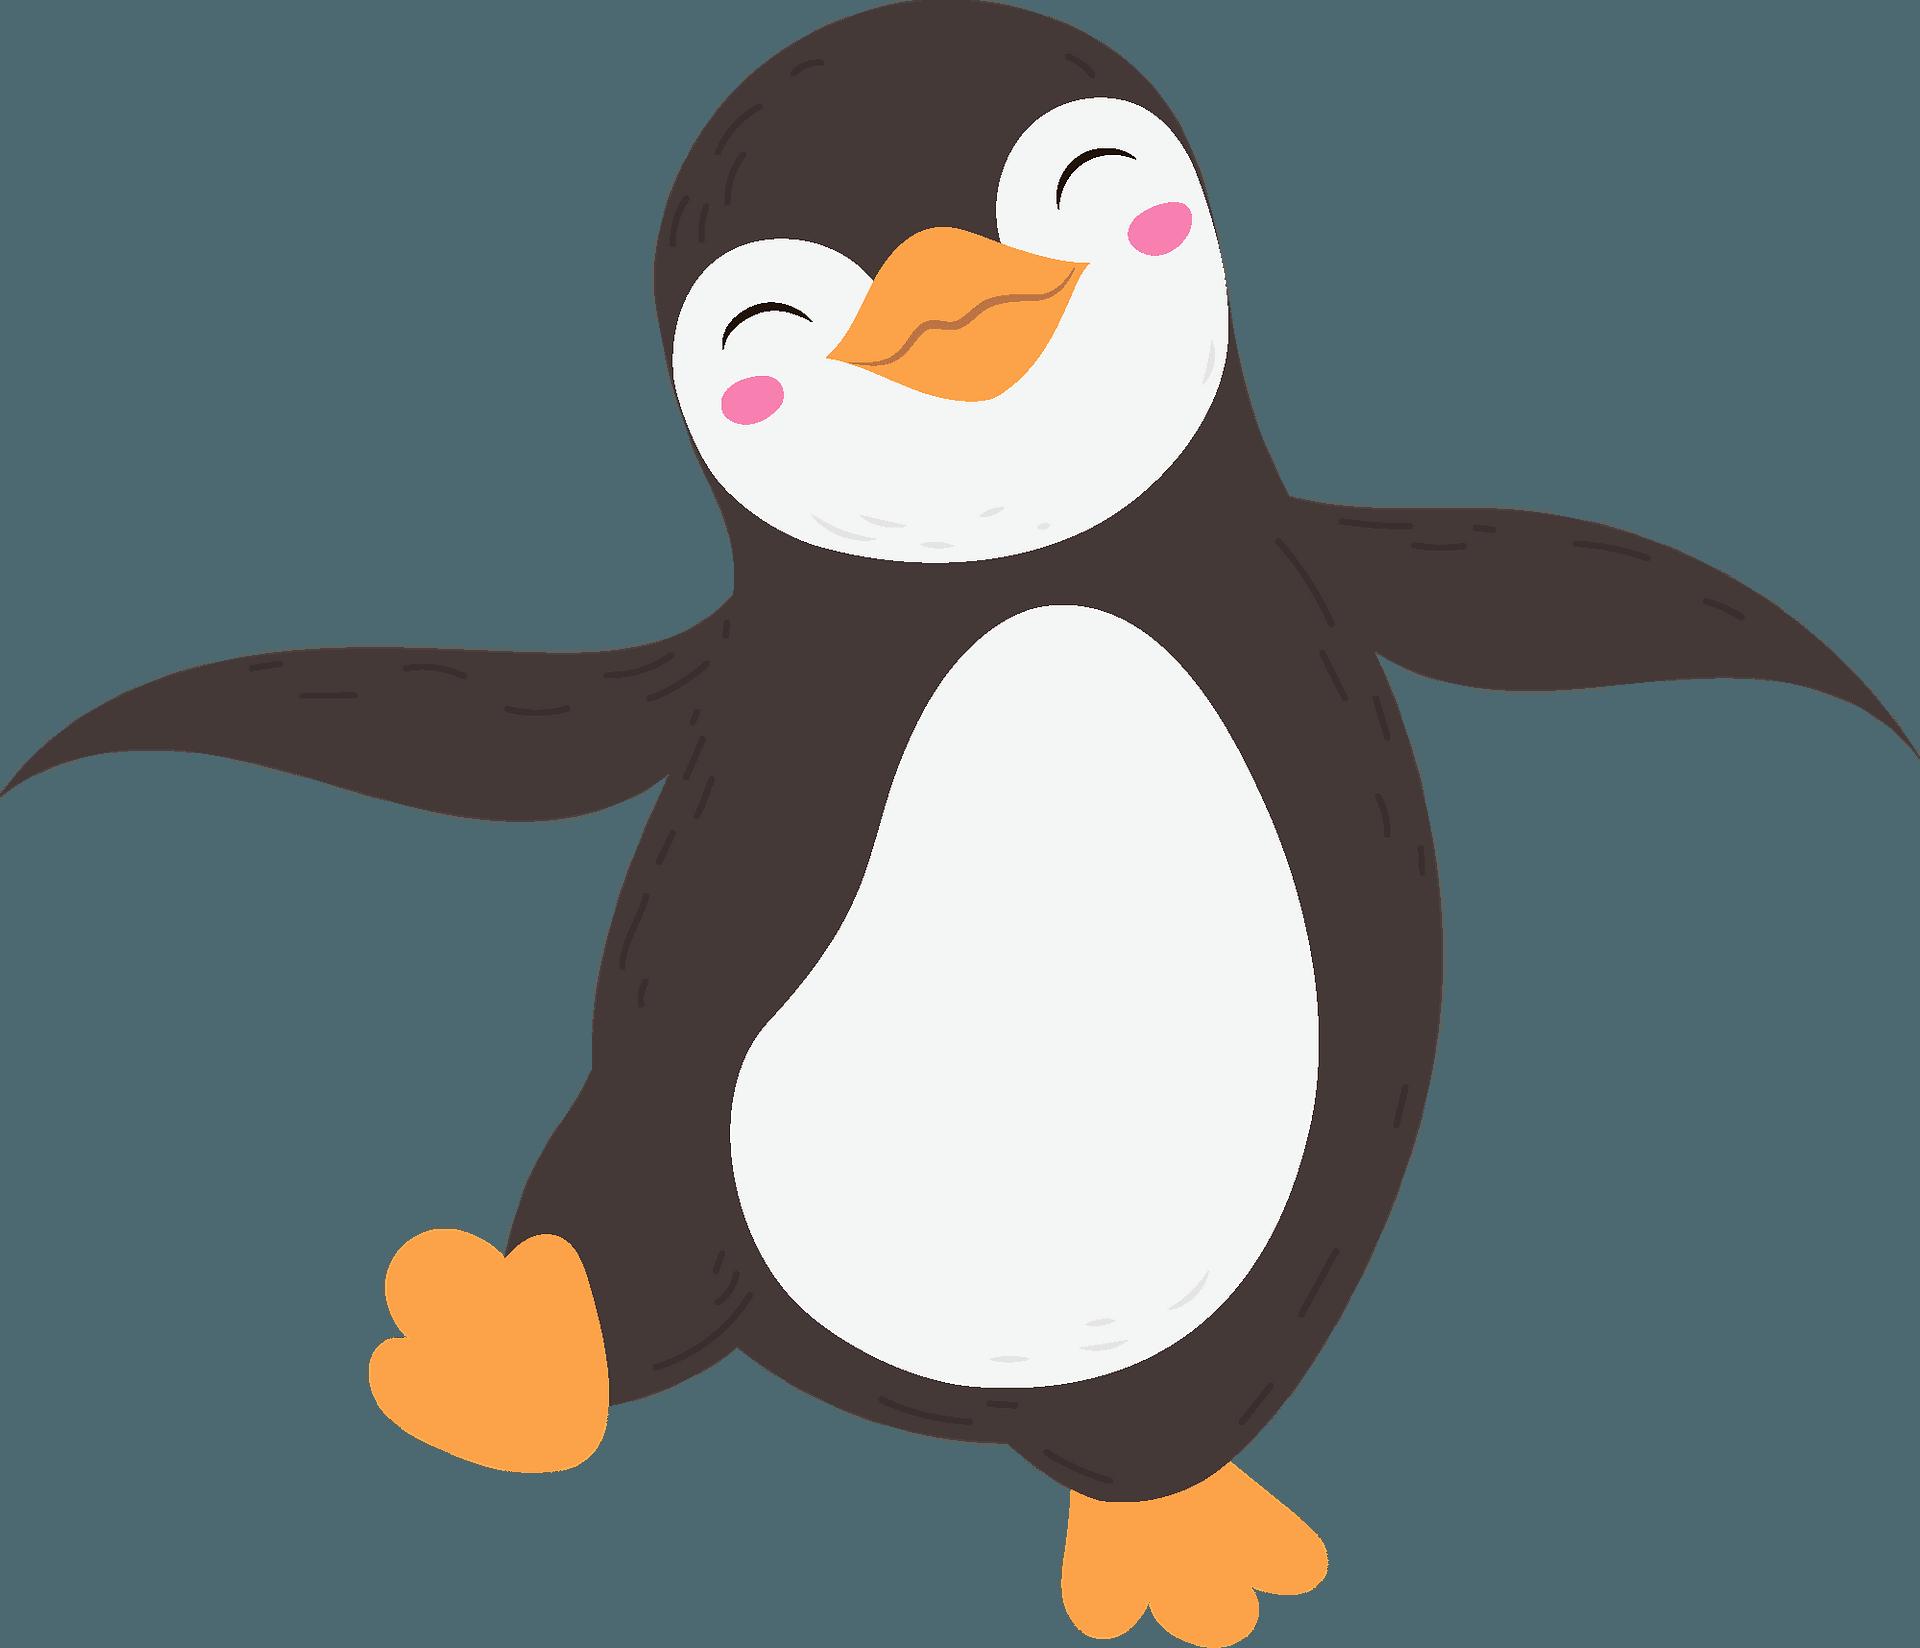 Penguin clipart. Free download transparent .PNG   Creazilla